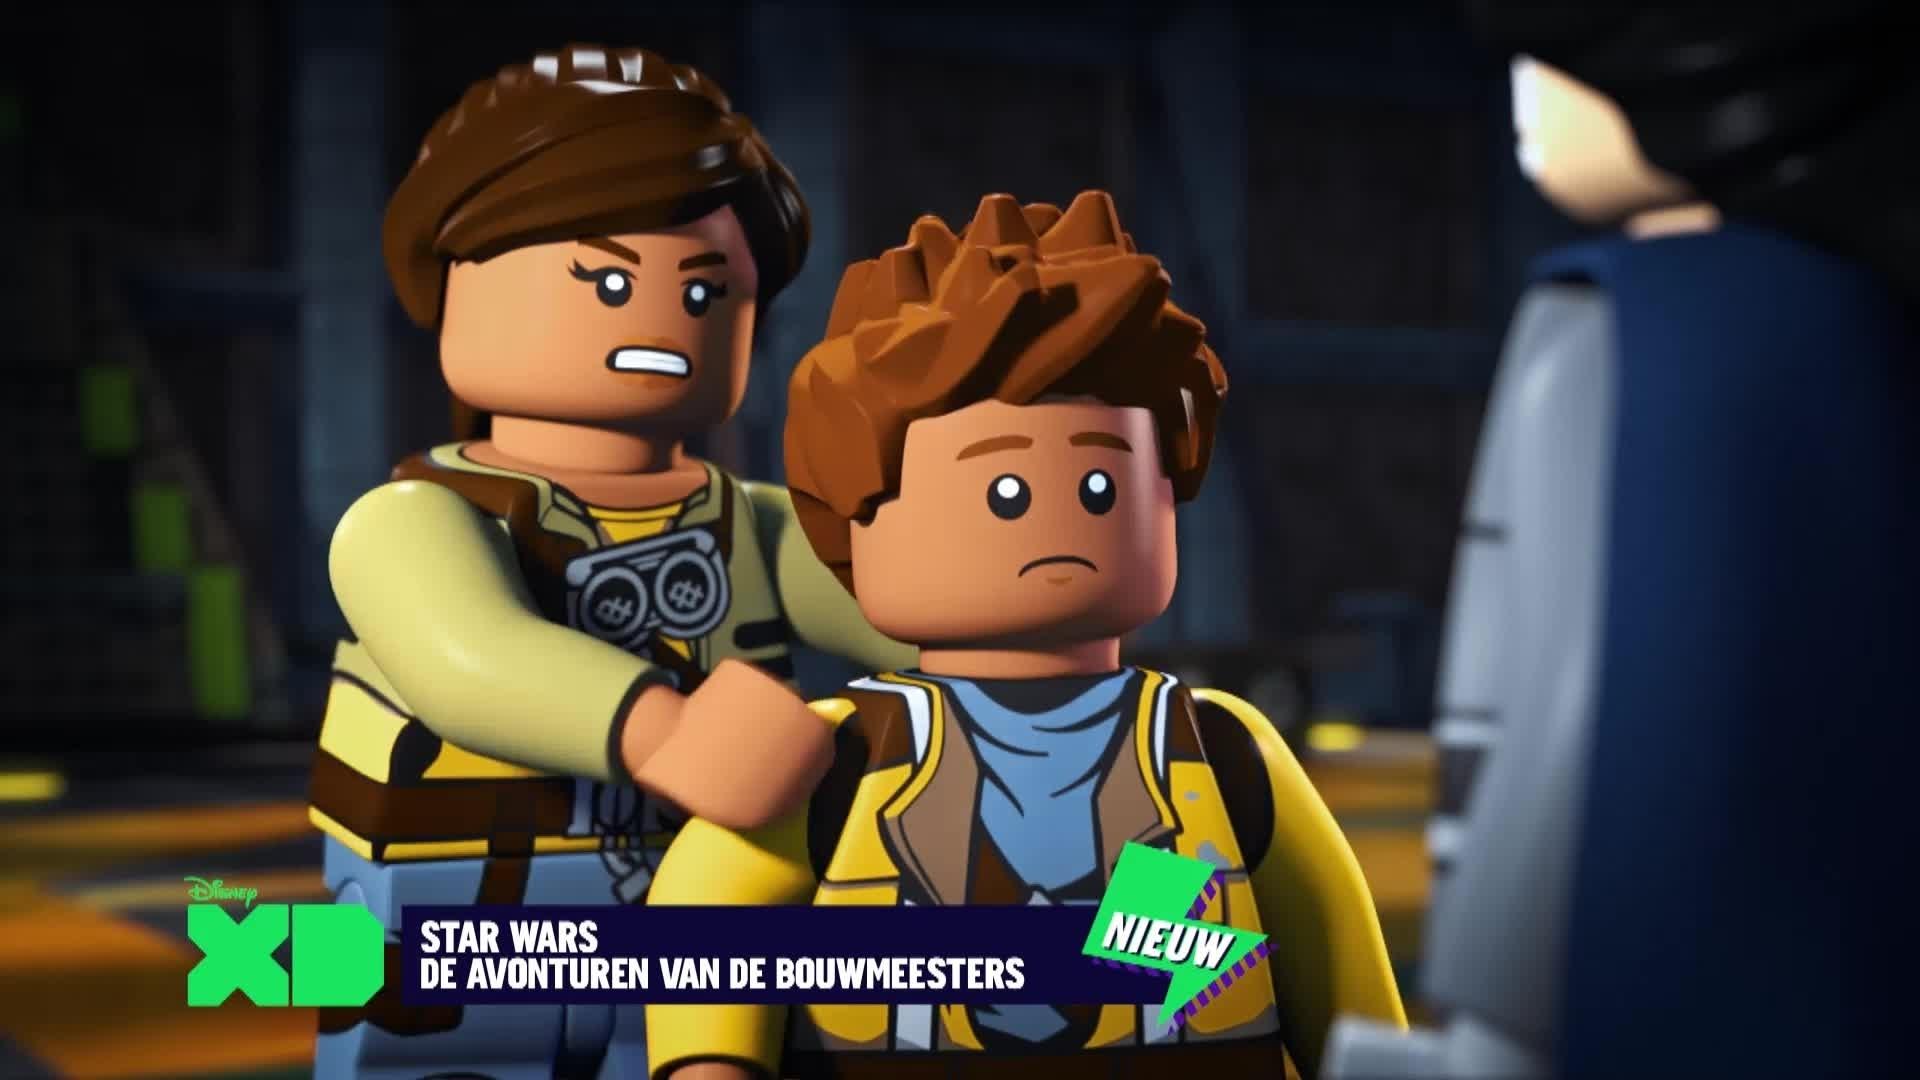 Nieuw op Disney XD: Star Wars  - De Avonturen van de Bouwmeesters